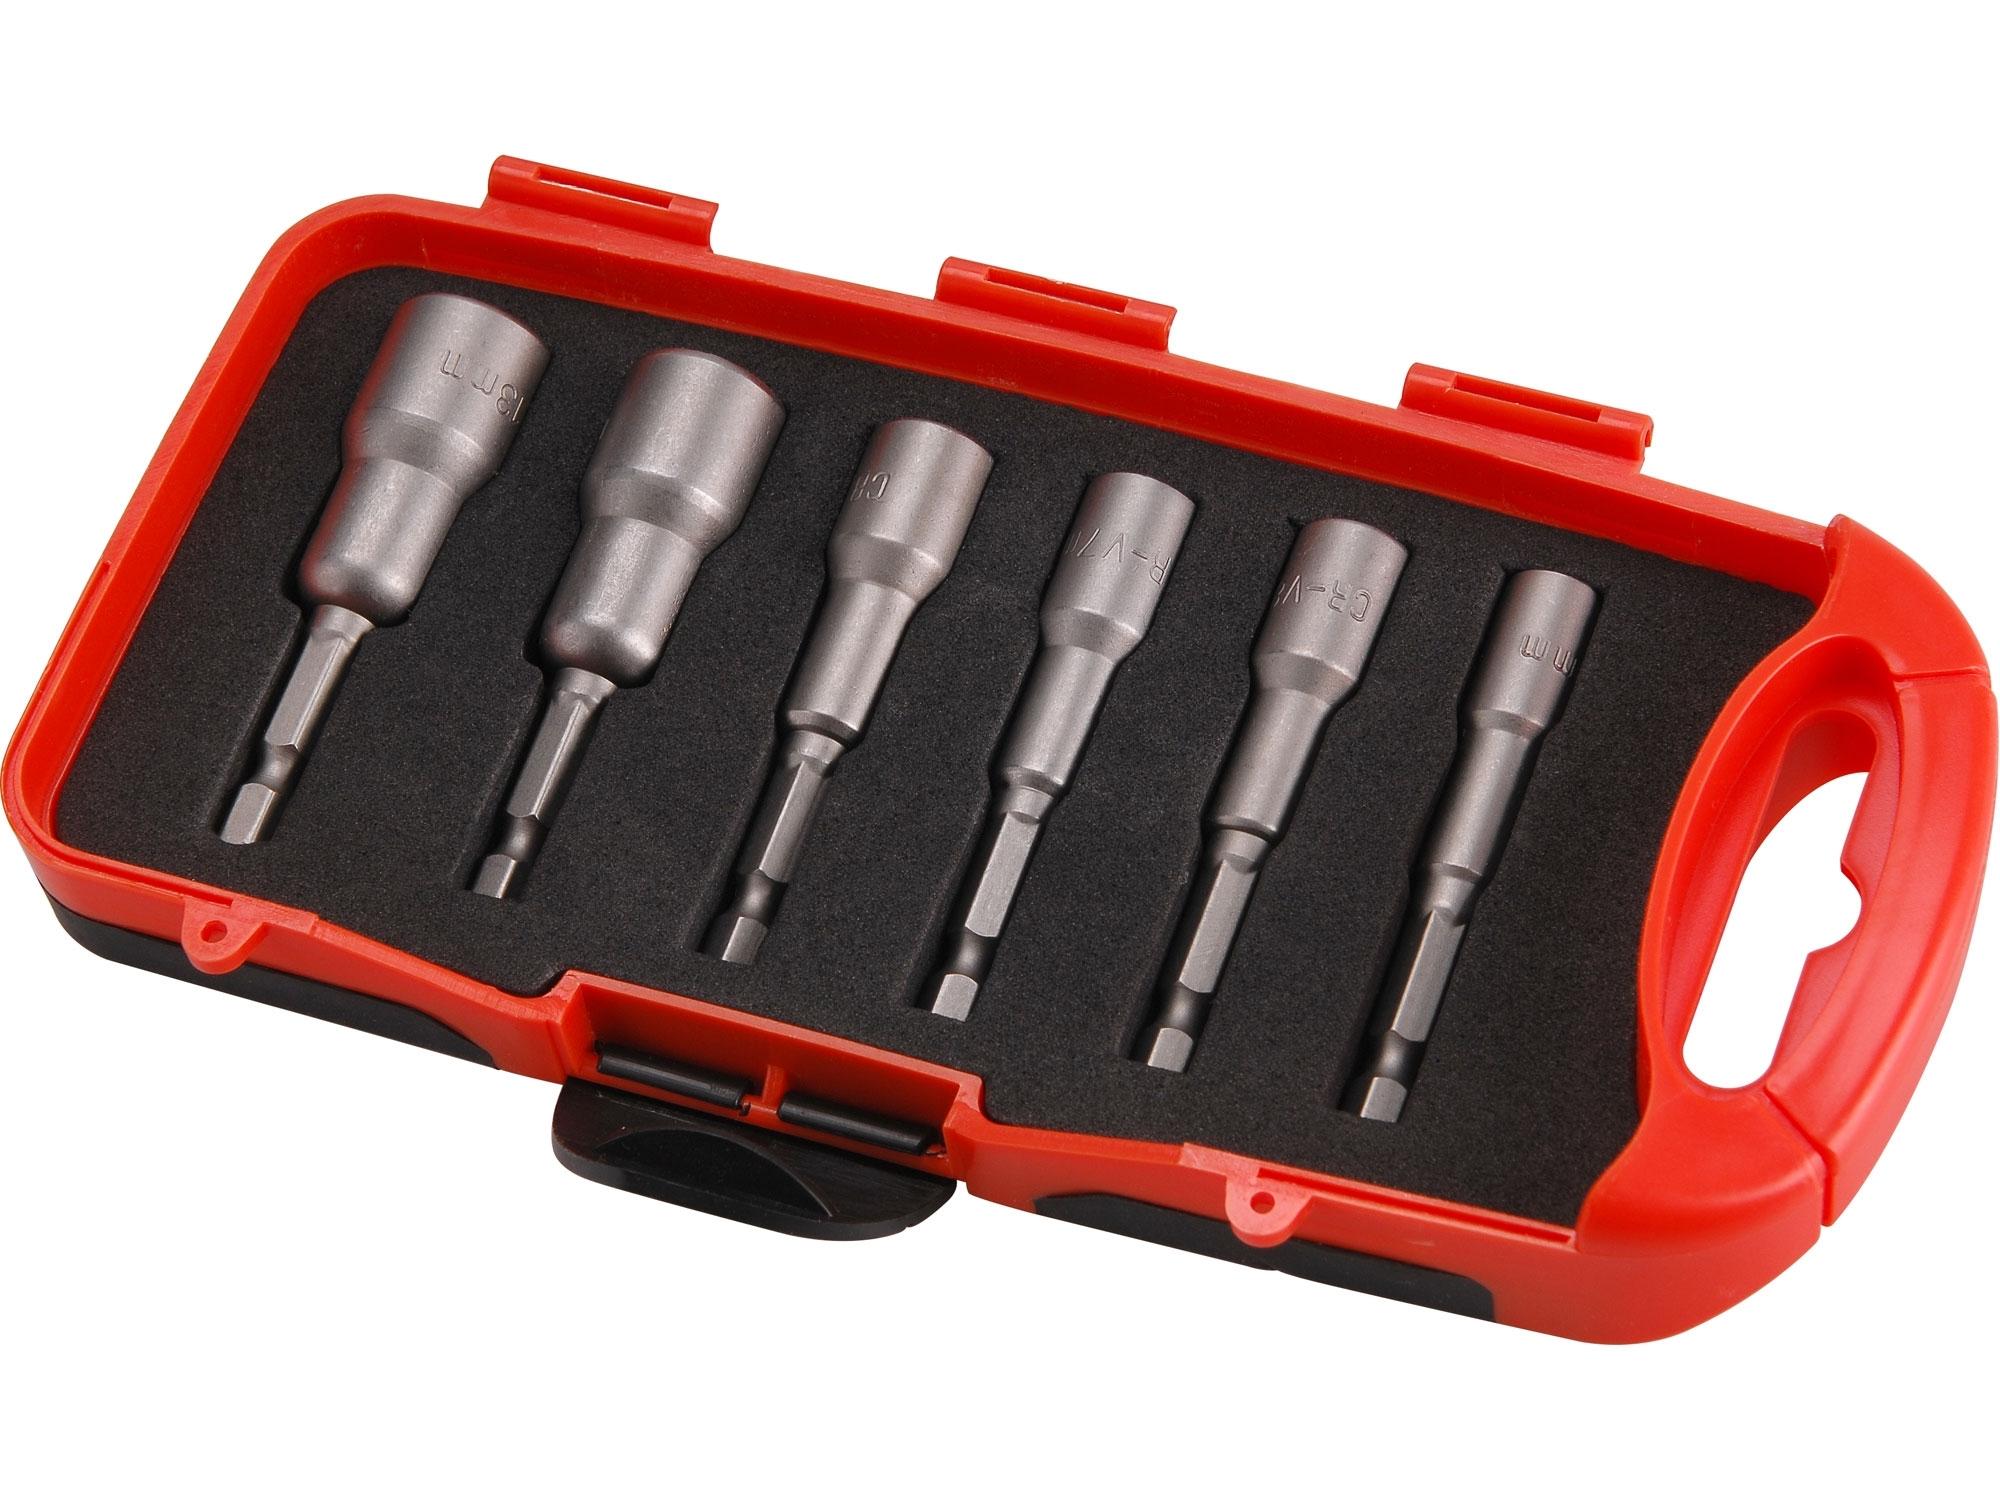 klíče nástrčné do vrtačky, sada 6ks, 6-13mm, EXTOL PREMIUM 8819630